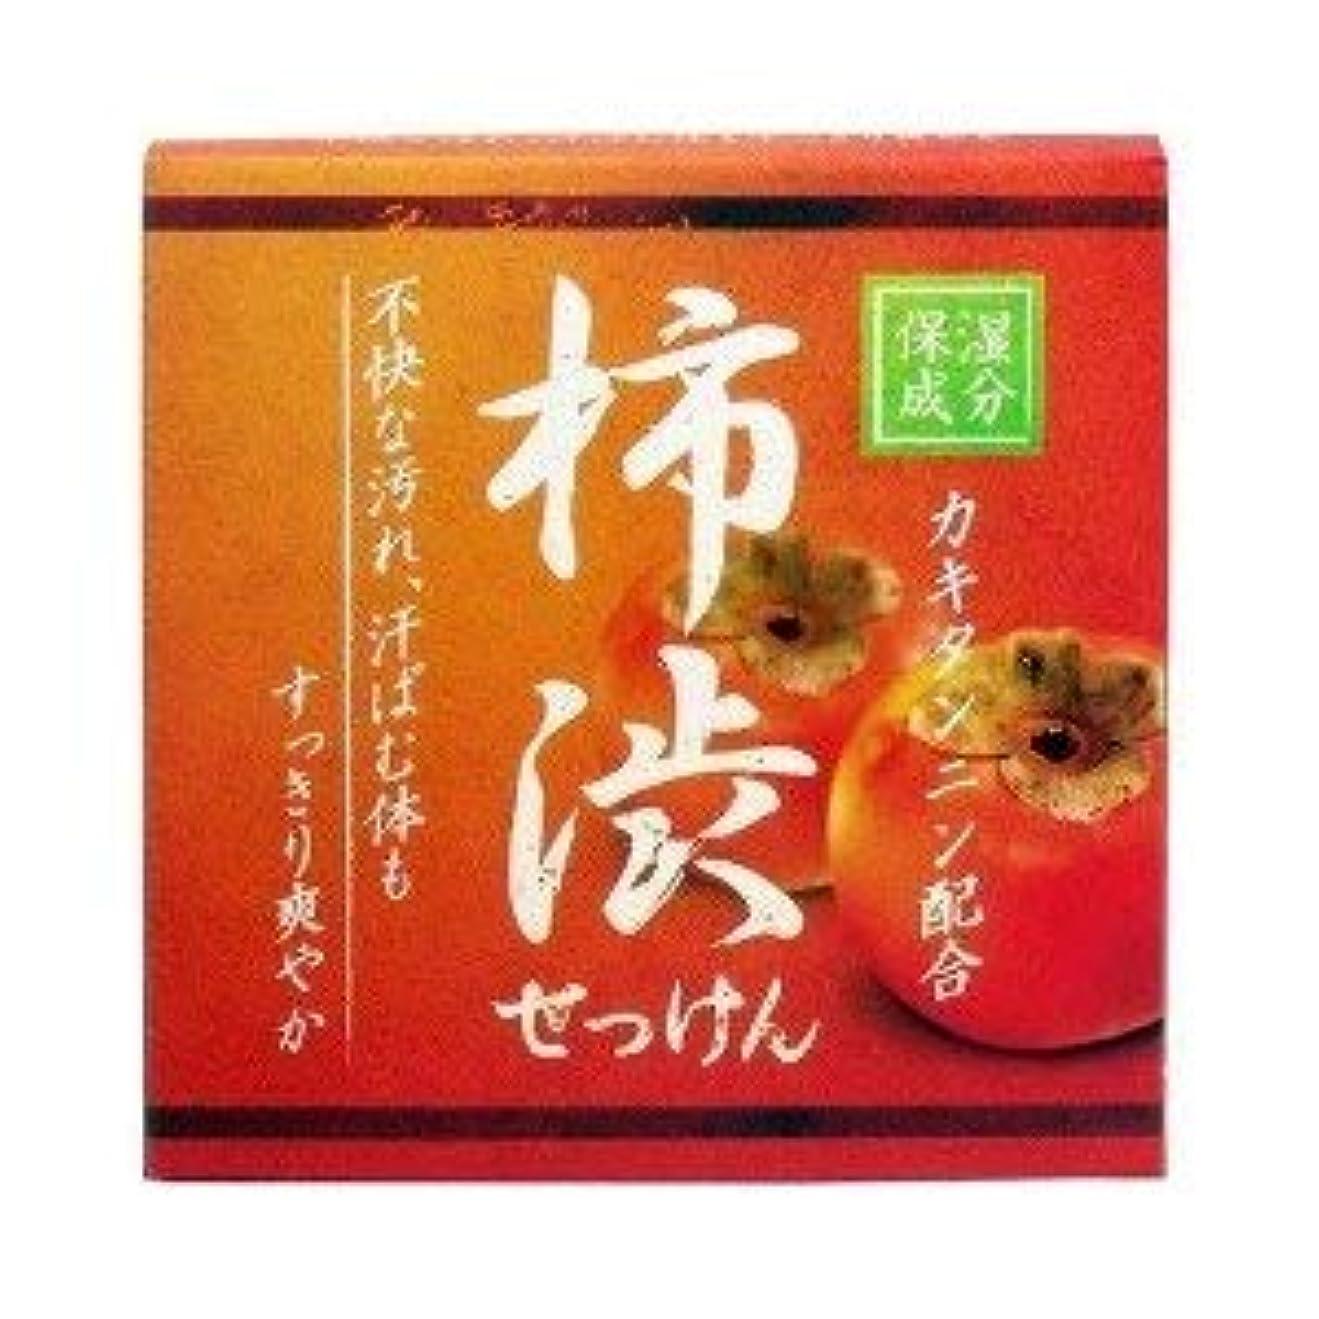 質量忌まわしいによると柿渋配合せっけん カキタンニン配合保湿成分 80g×2 2個1セット 石鹸